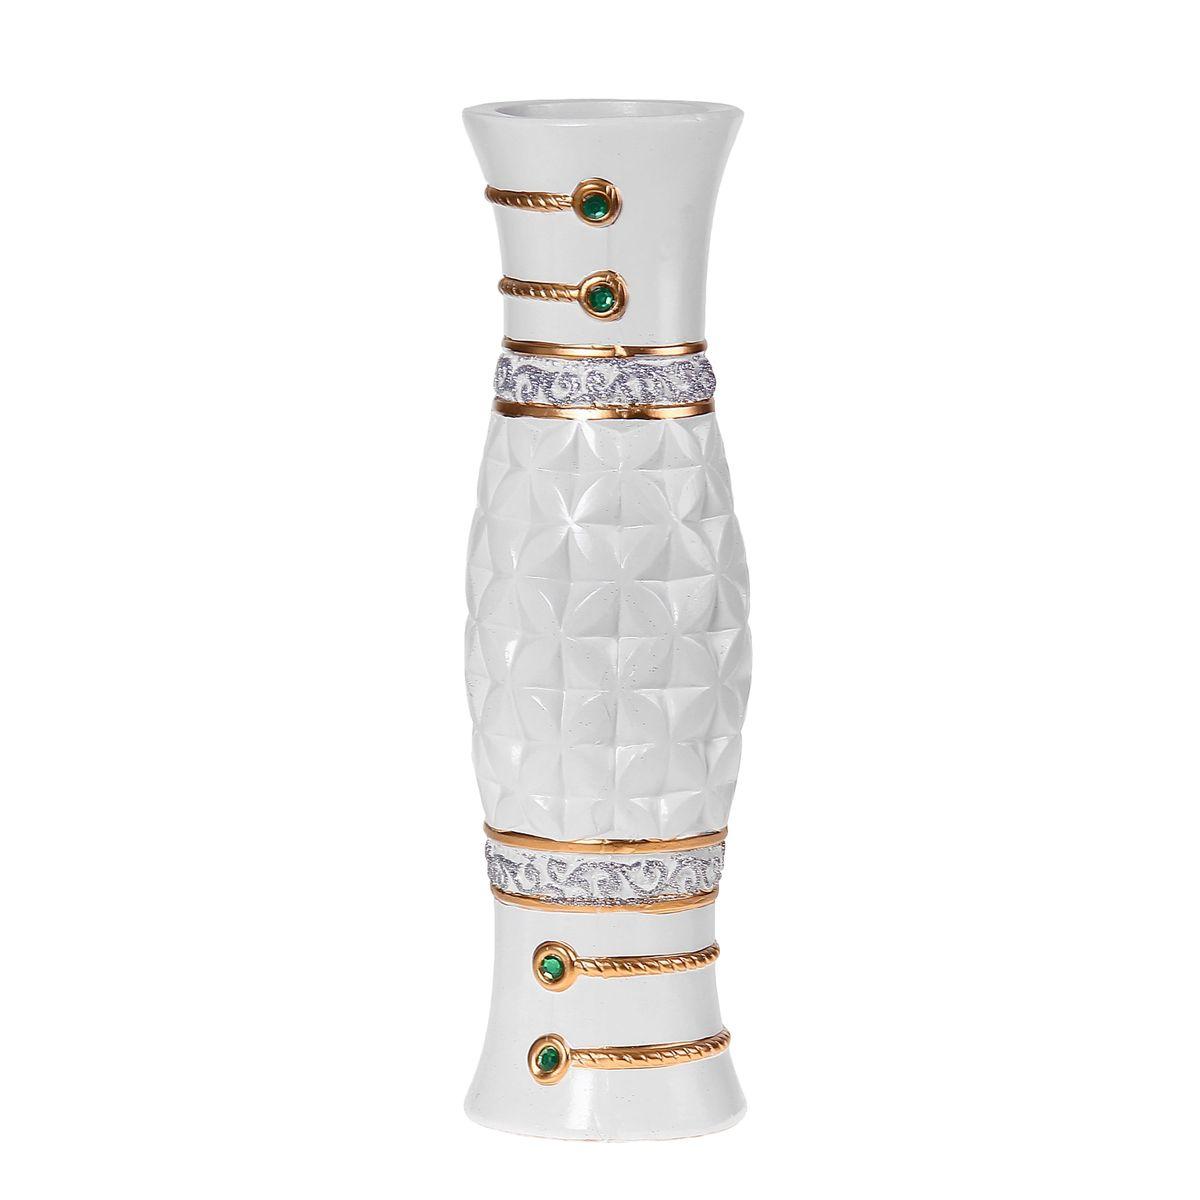 Ваза керамика напольная 60 см цветочный орнамент белая ножка 10449661044966Керамика